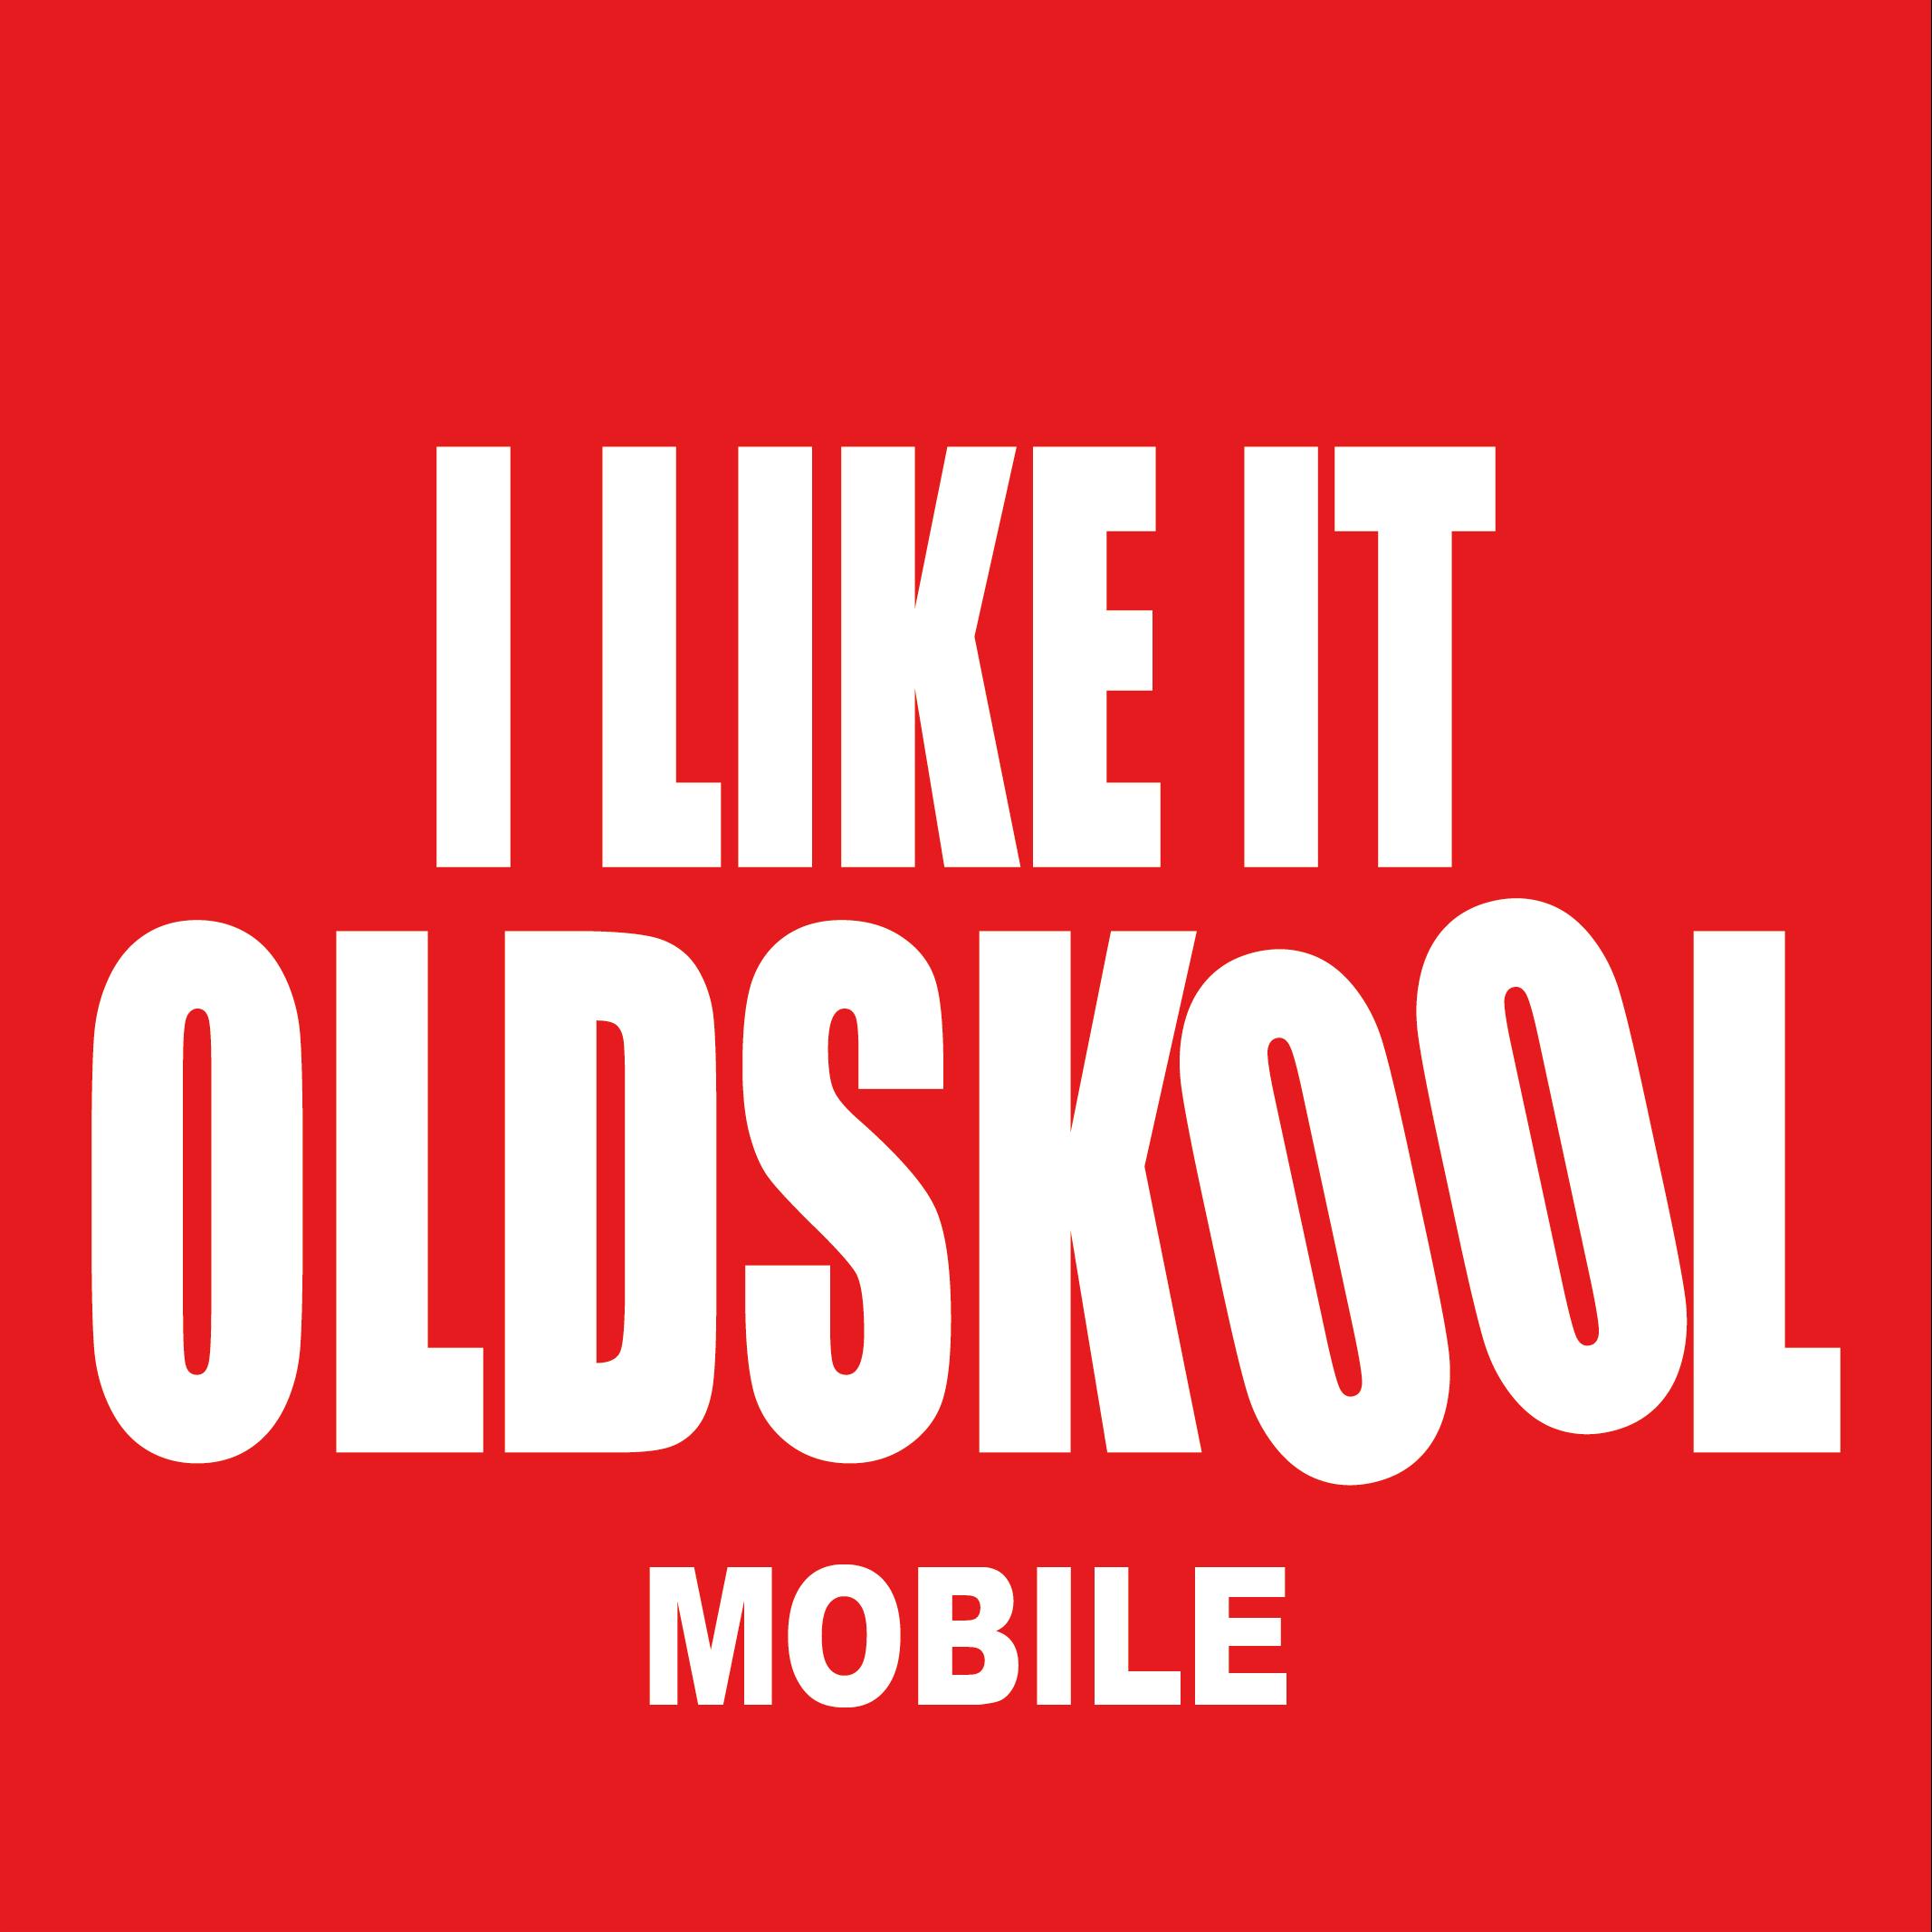 I Like It Oldskool